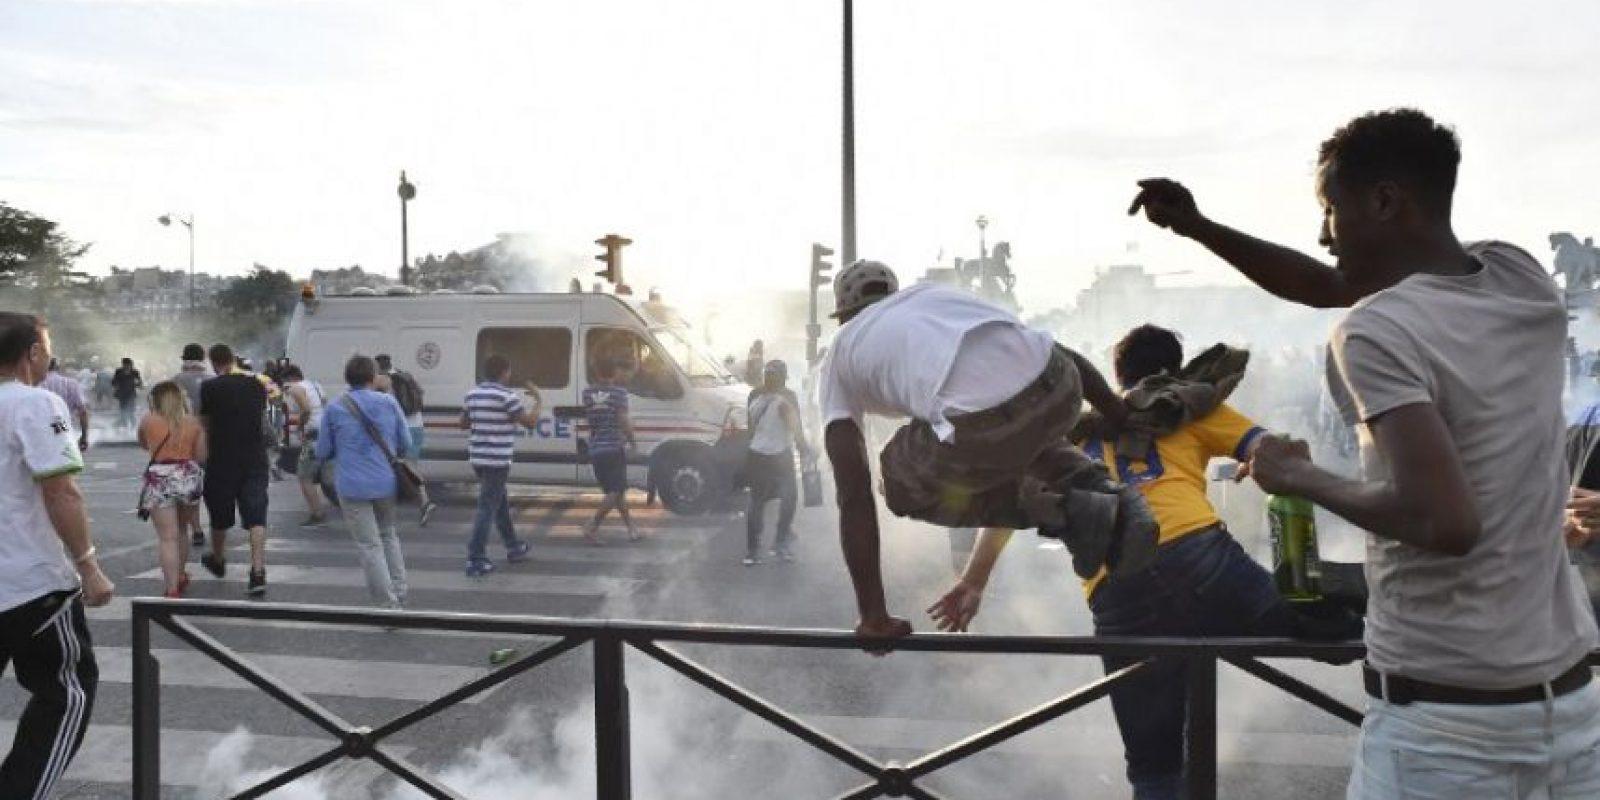 La policía tuvo que usar gases lacrimógenos y tanques de agua para disuadir la manifestación Foto:AFP